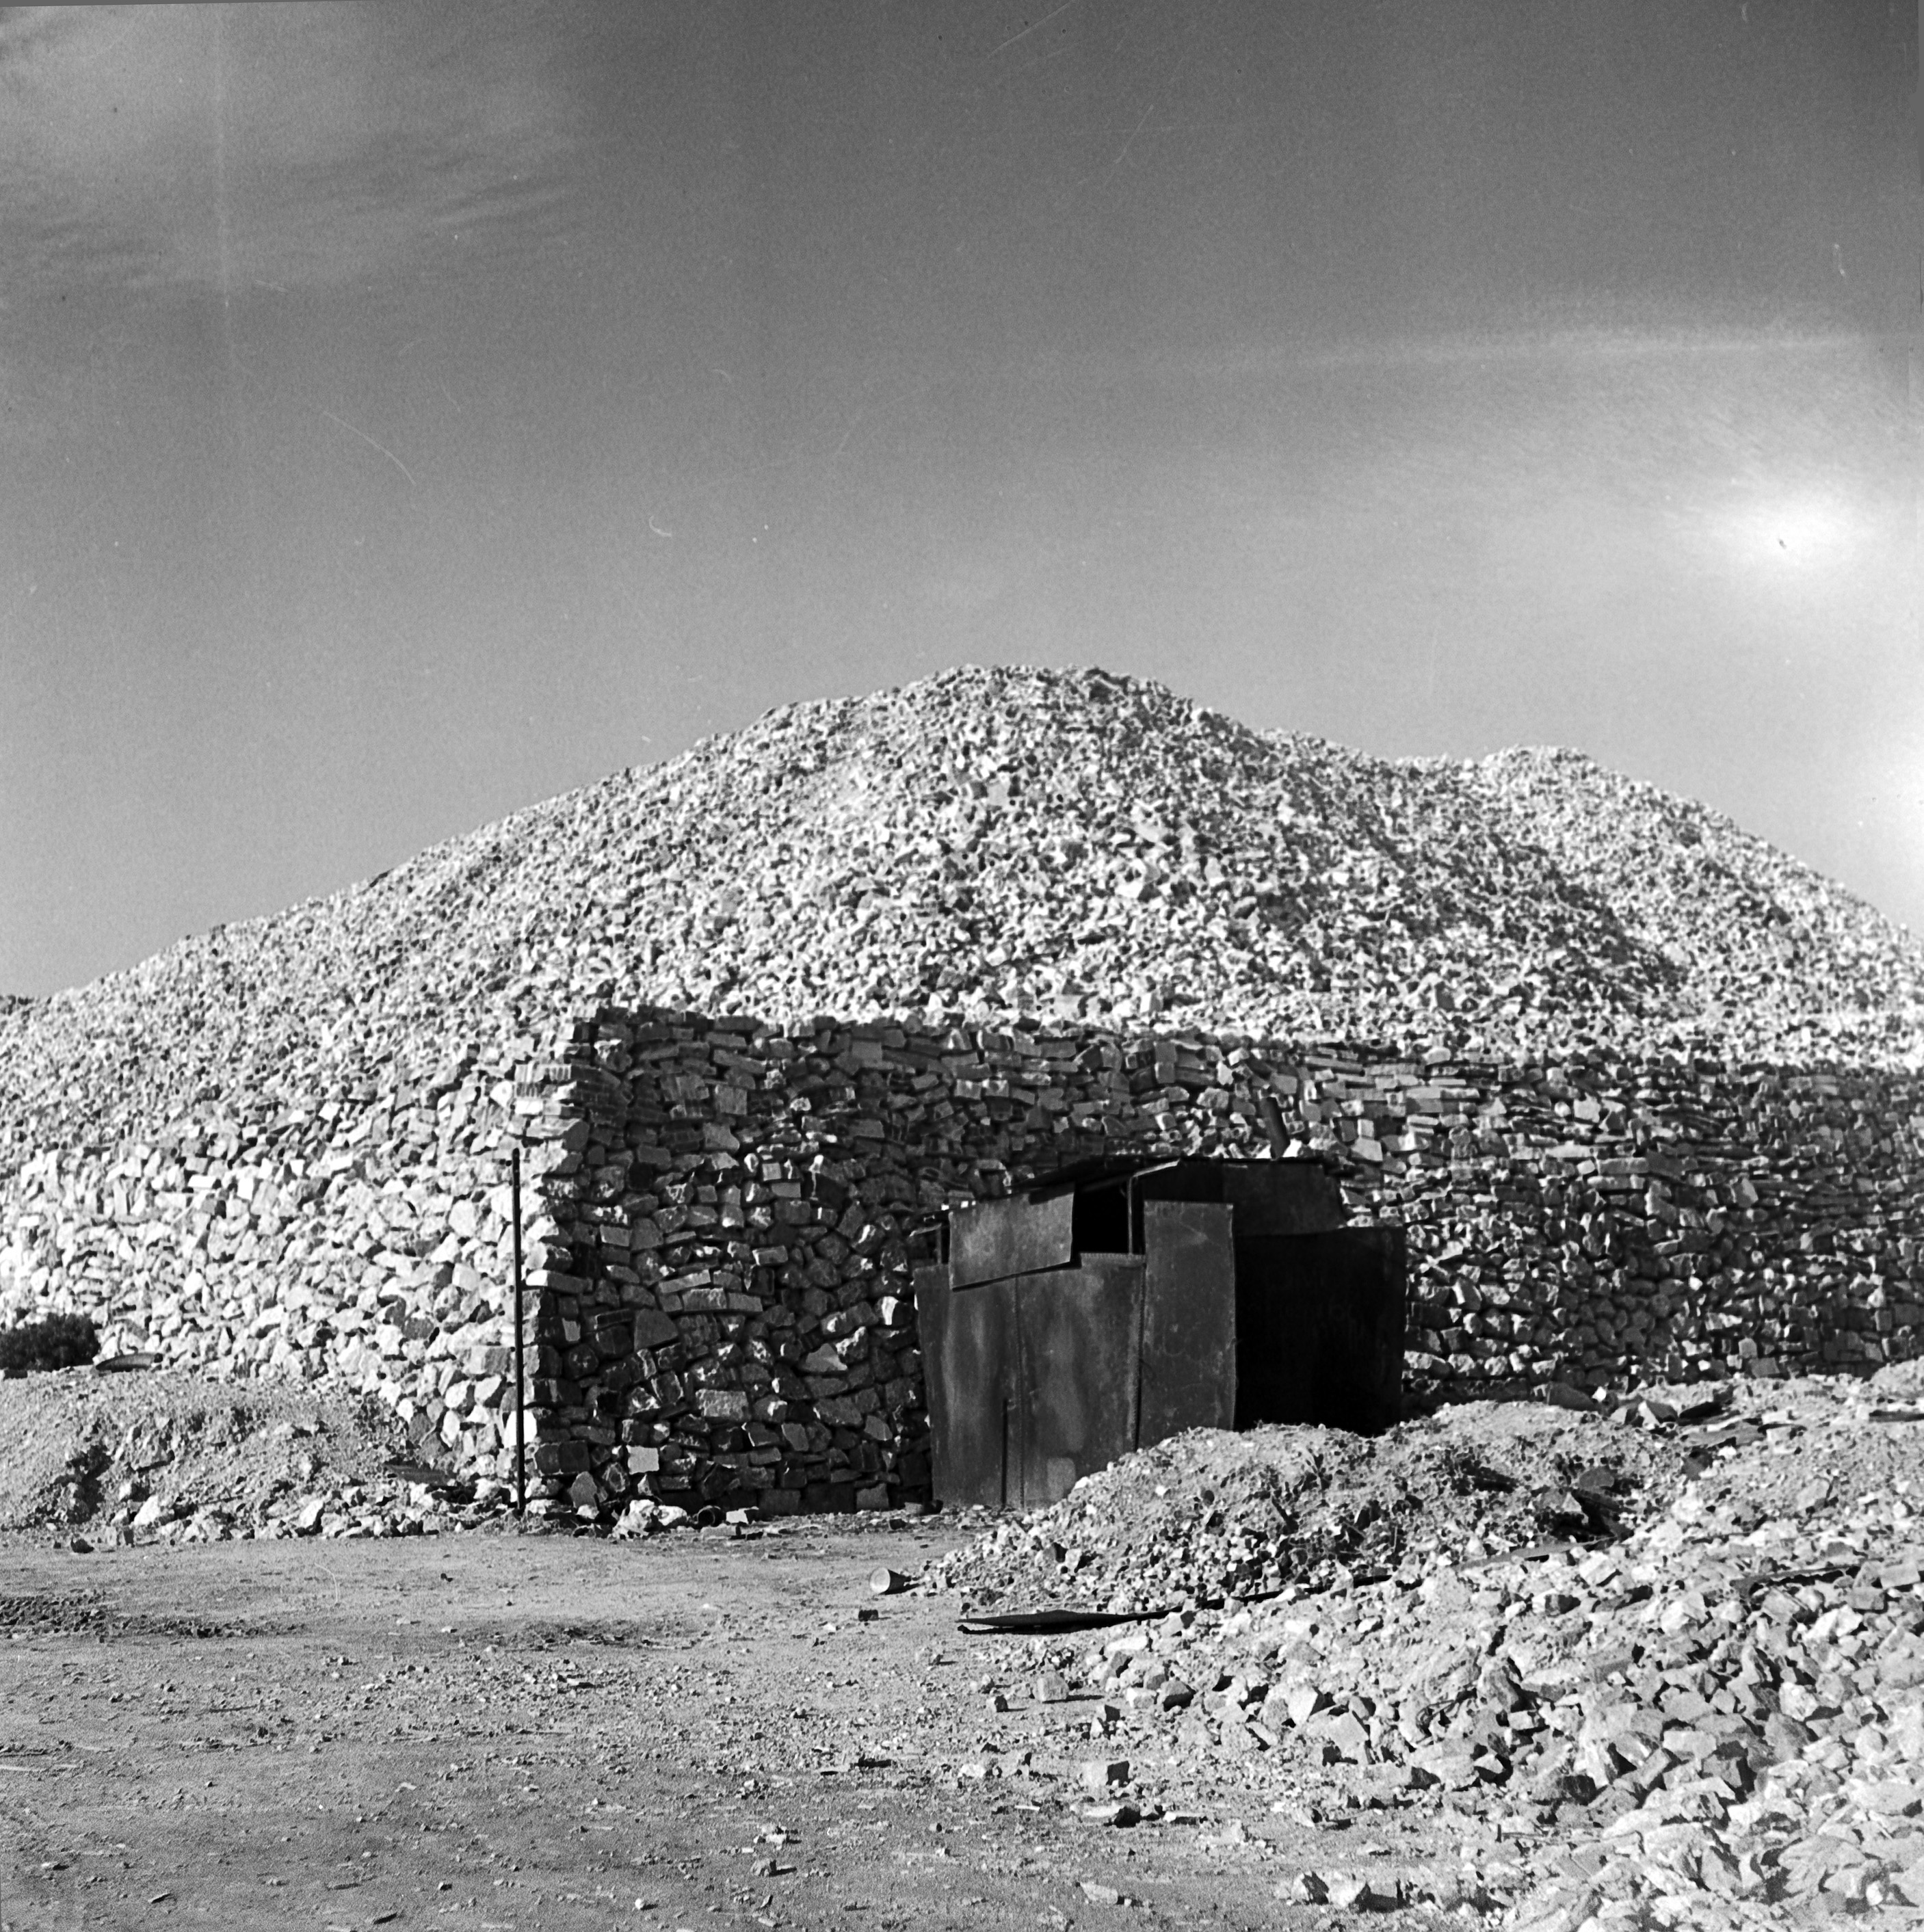 Numérisation du négatif 6x6 cm n°4168 :  Le Havre, récupération de matériaux, 1946